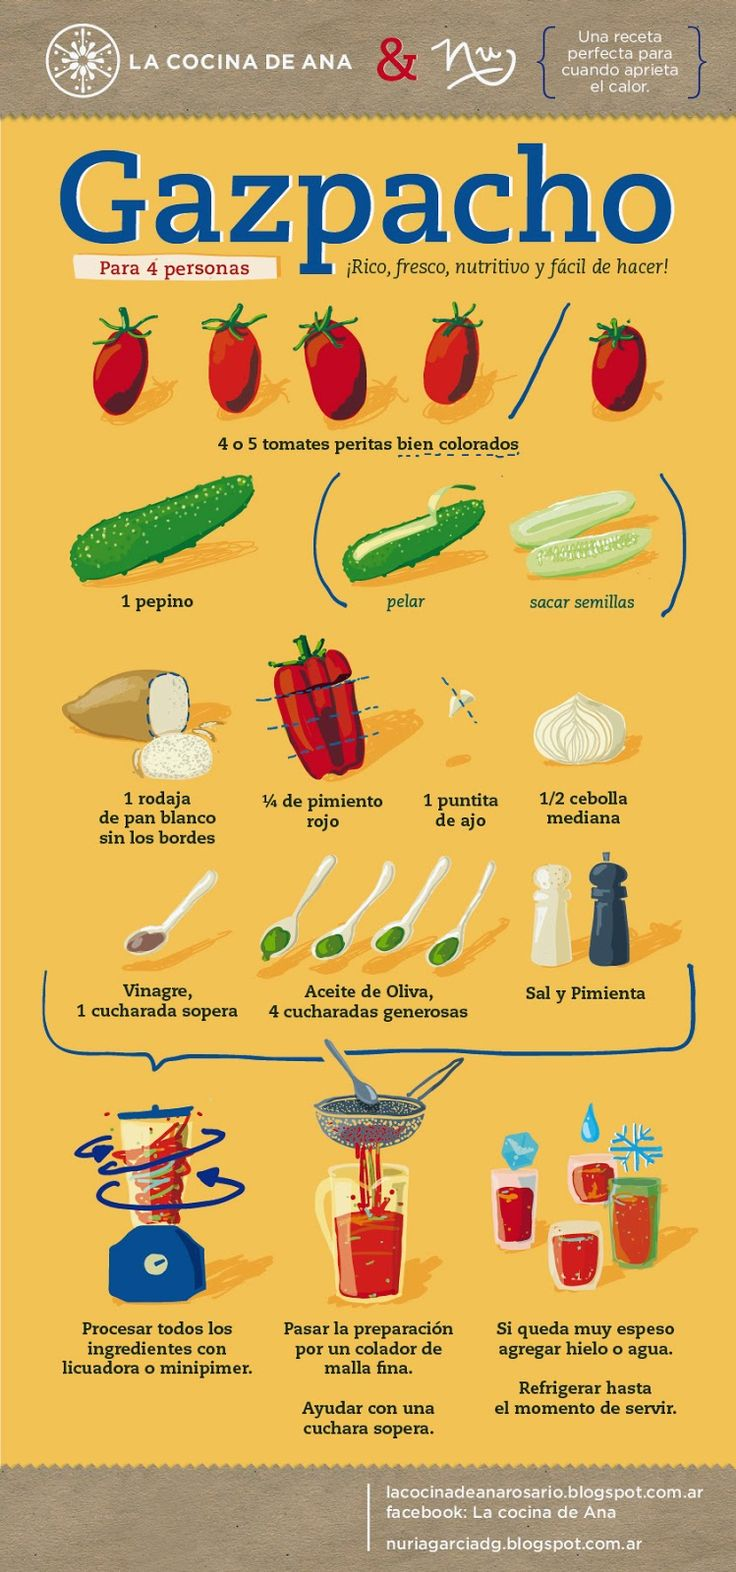 Gazpacho_La-Cocina-de-Ana